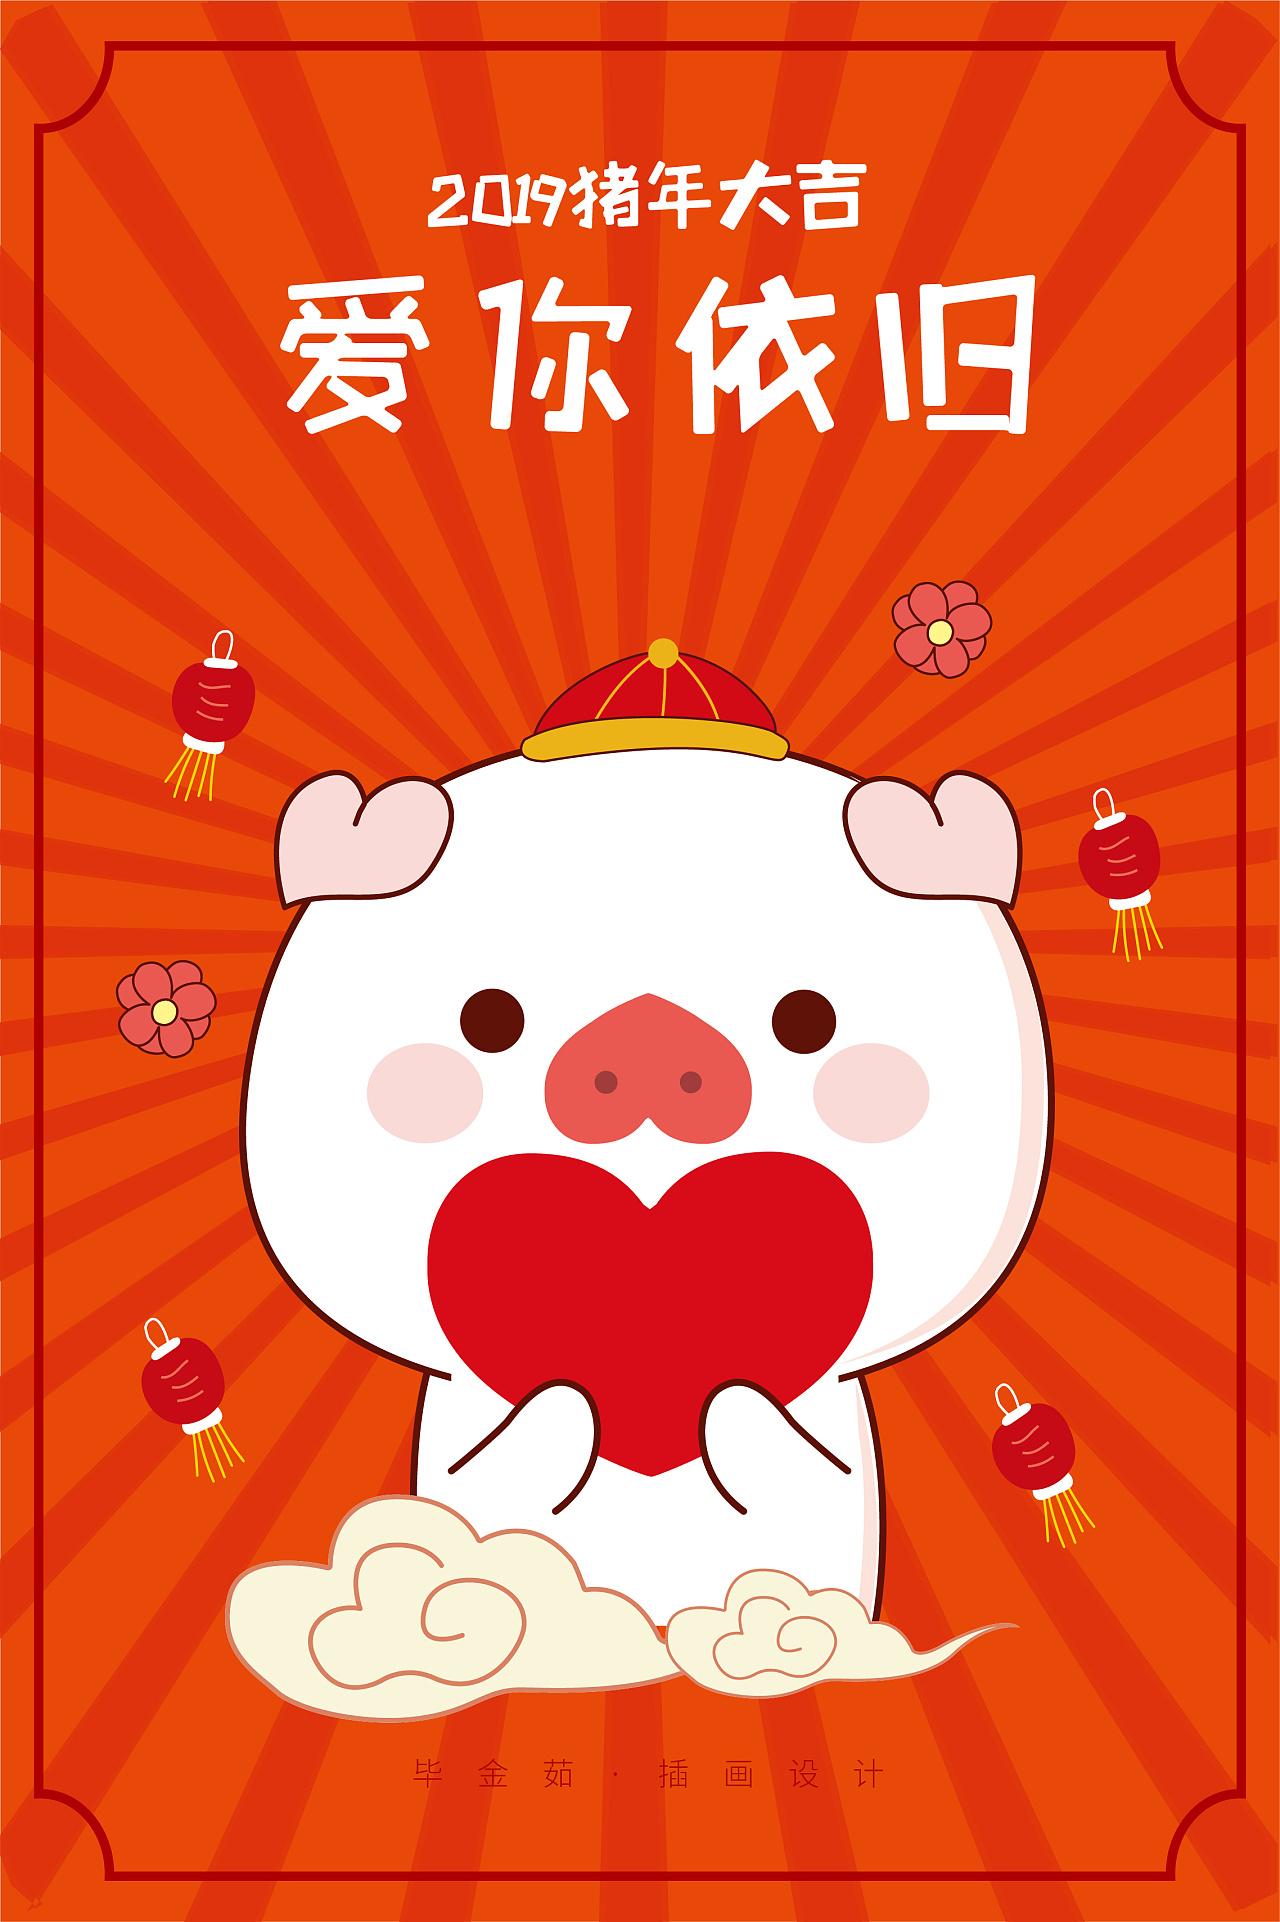 2019猪年大吉猪小爱元宝系列衍生品表情猪膨胀1000裸表情包斤熊图片